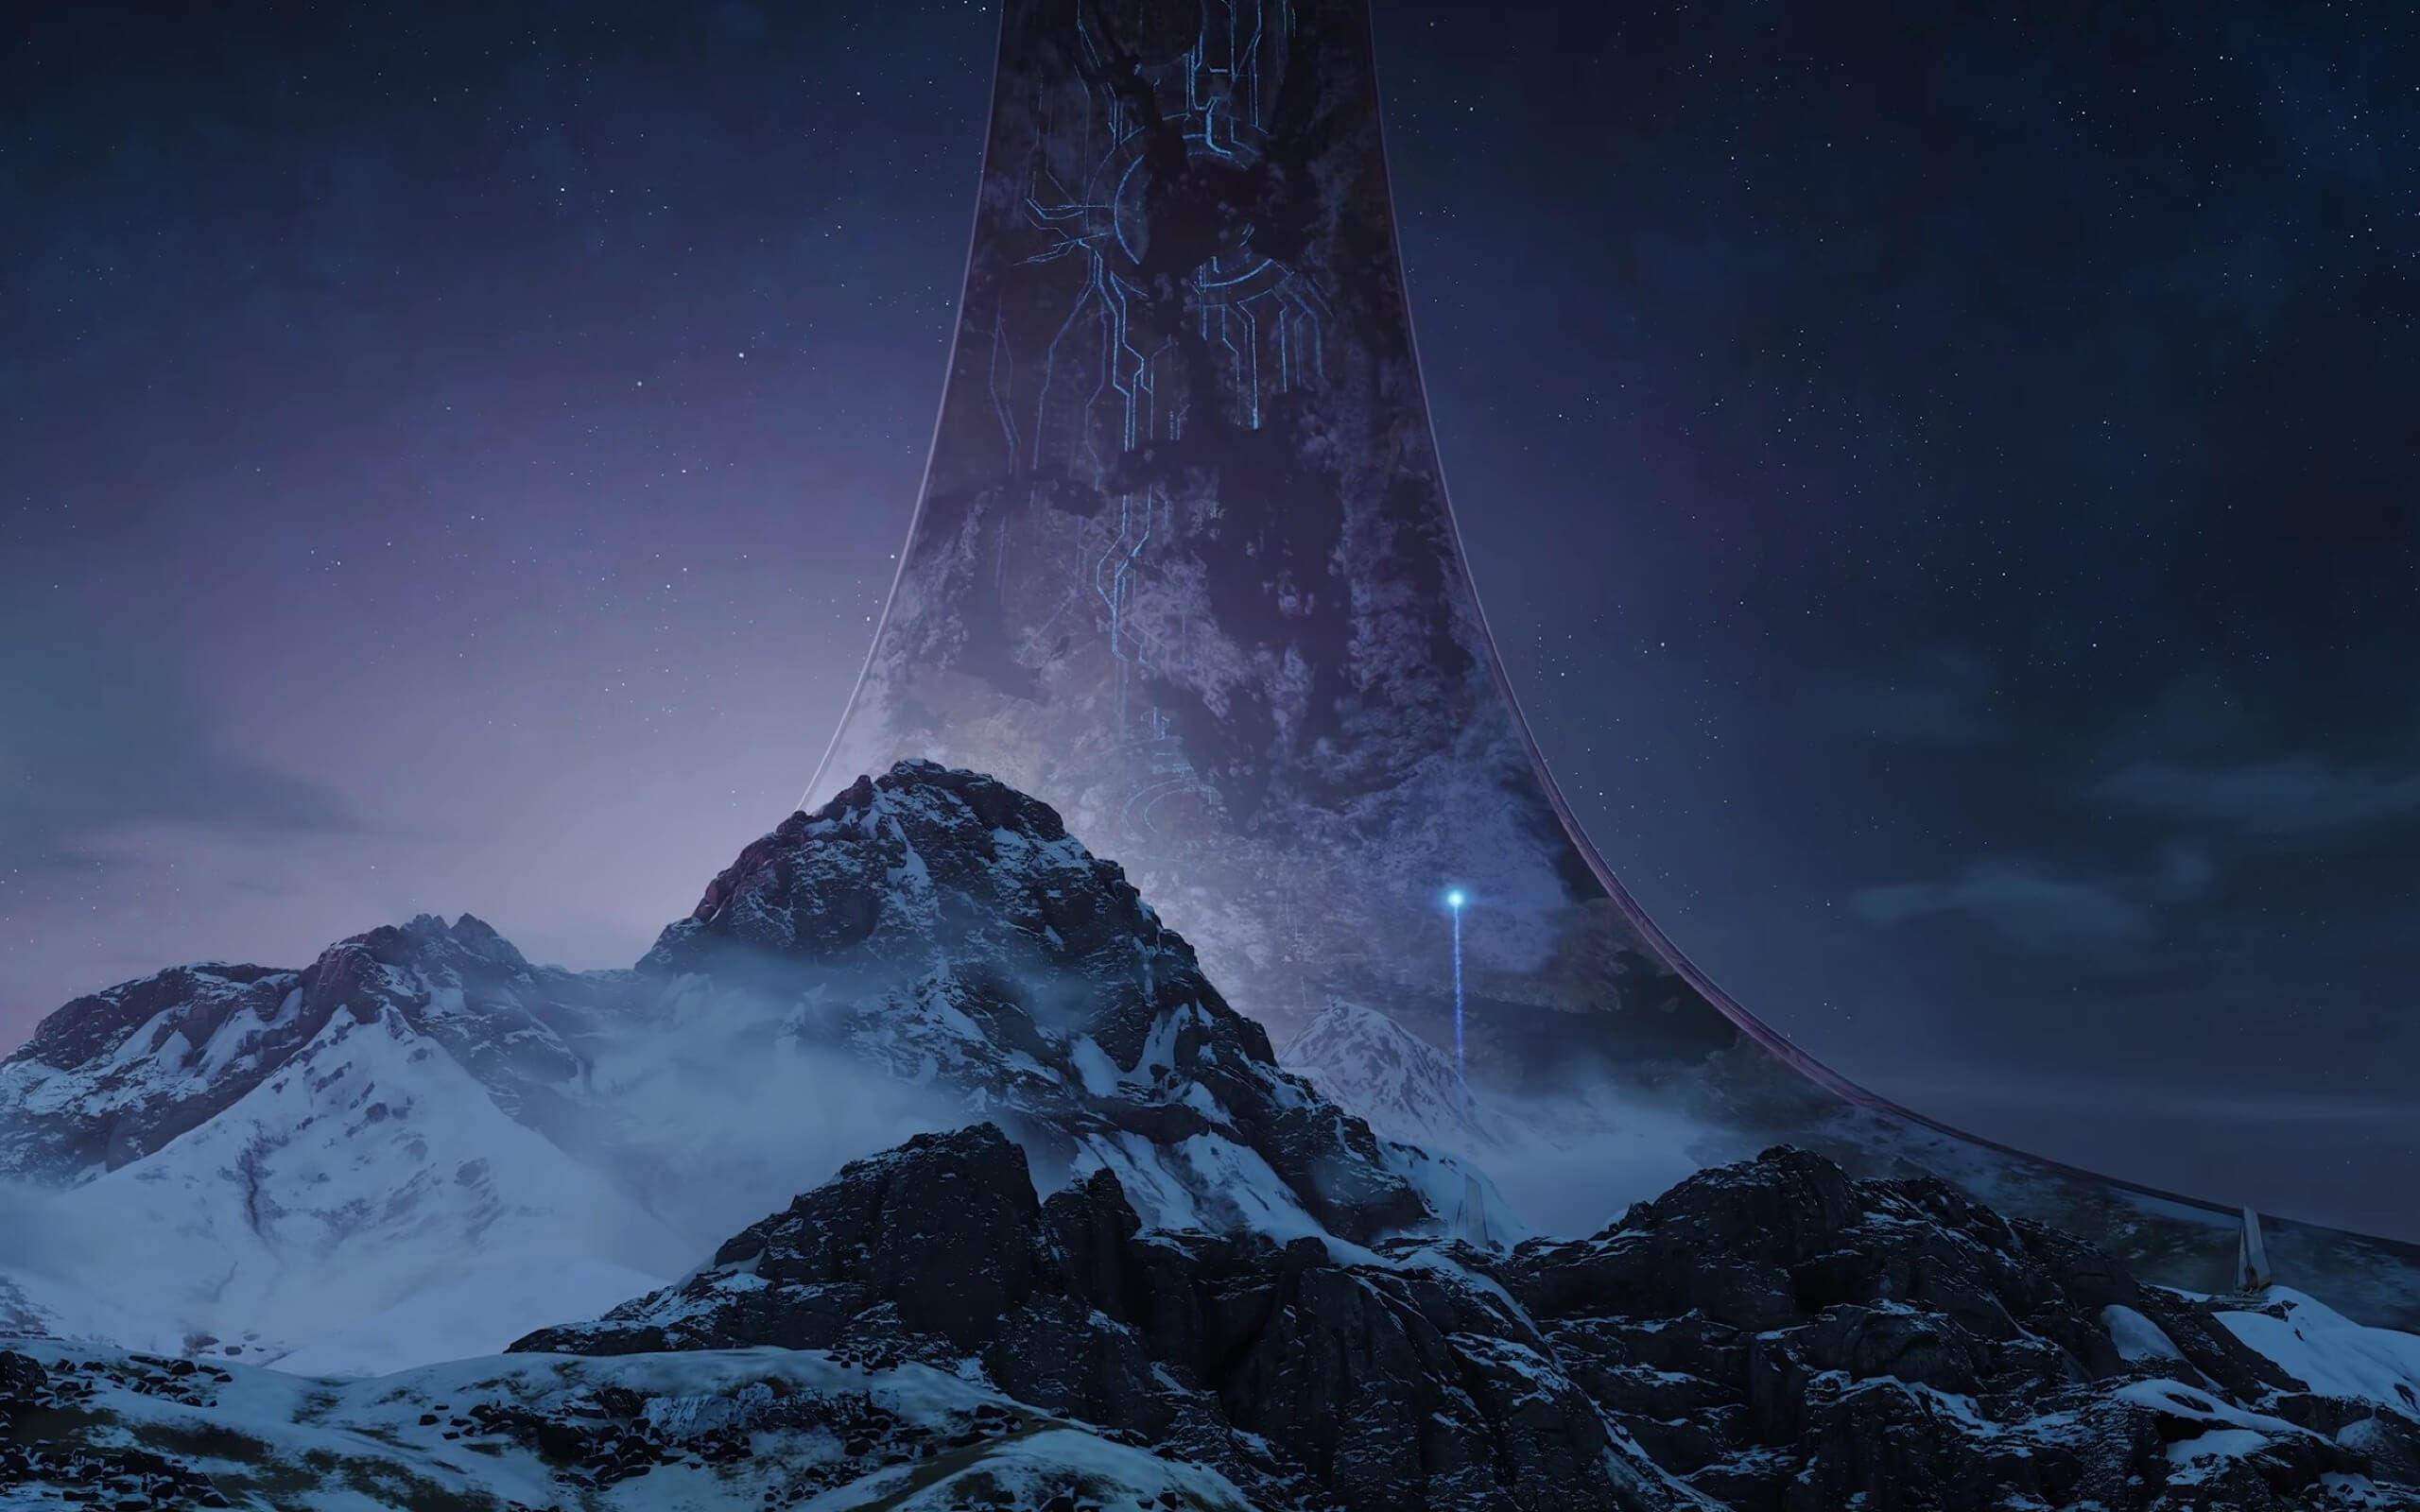 Completo análisis de rendimiento de Halo Combat Evolved Anniversary en PC 2